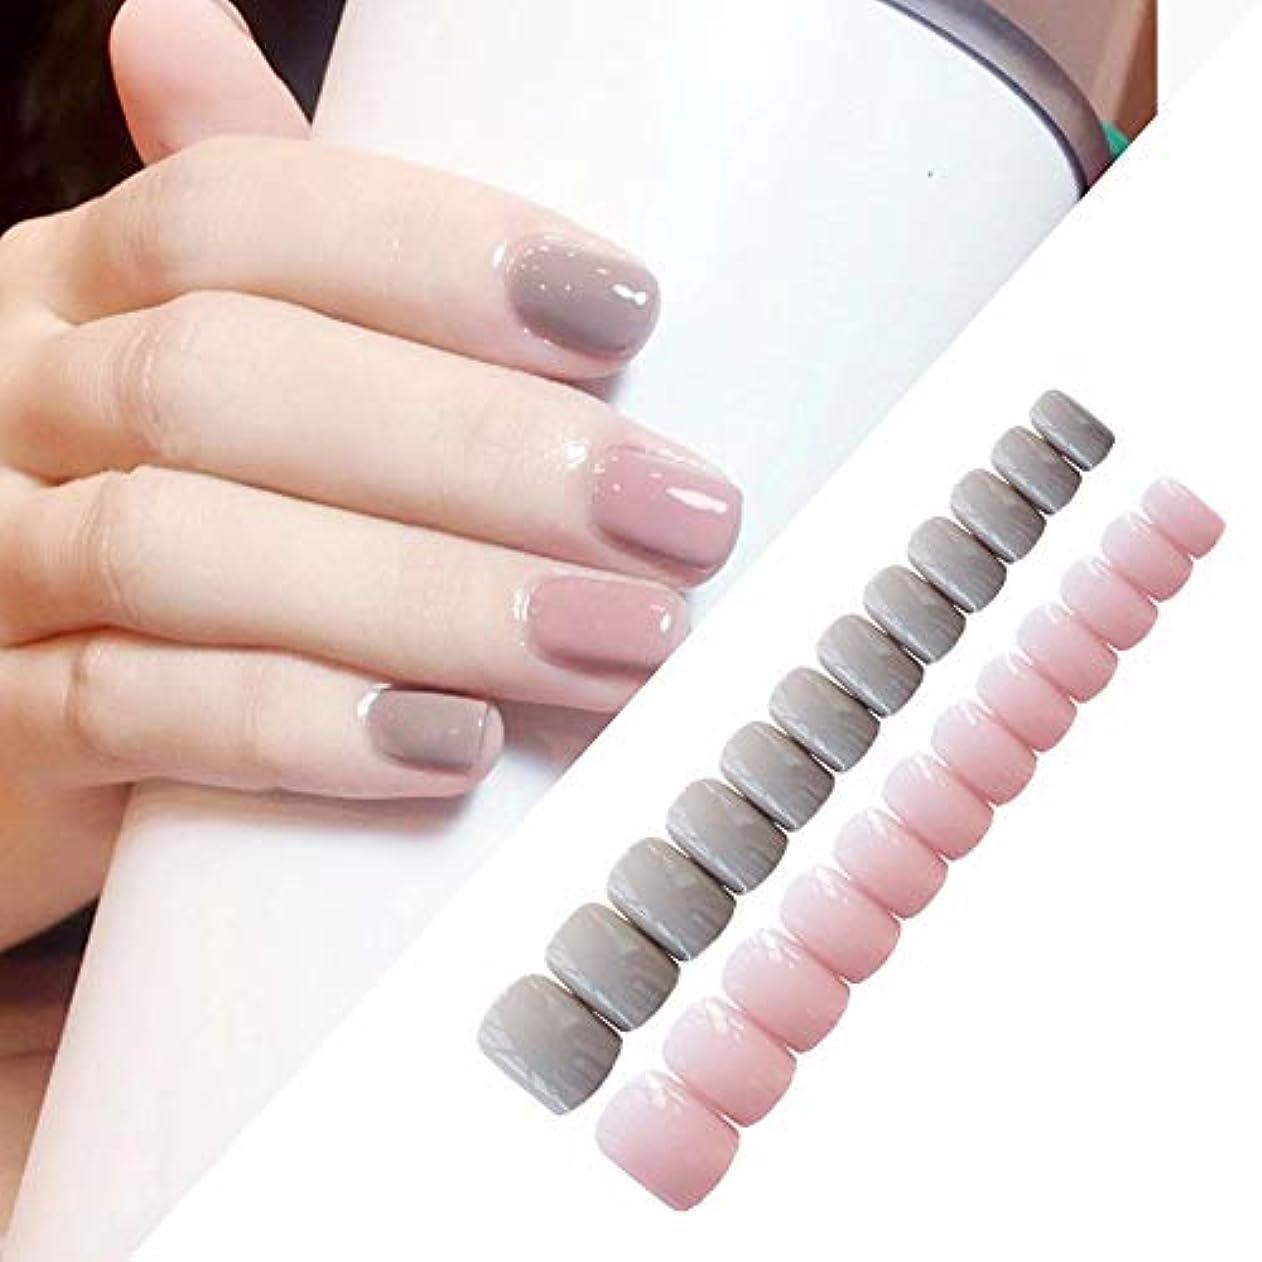 松きしむ誘うXUTXZKA 24個/セットライトグレーパウダースクエアヘッドソリッドカラー偽爪完成ネイルアート偽爪のヒント